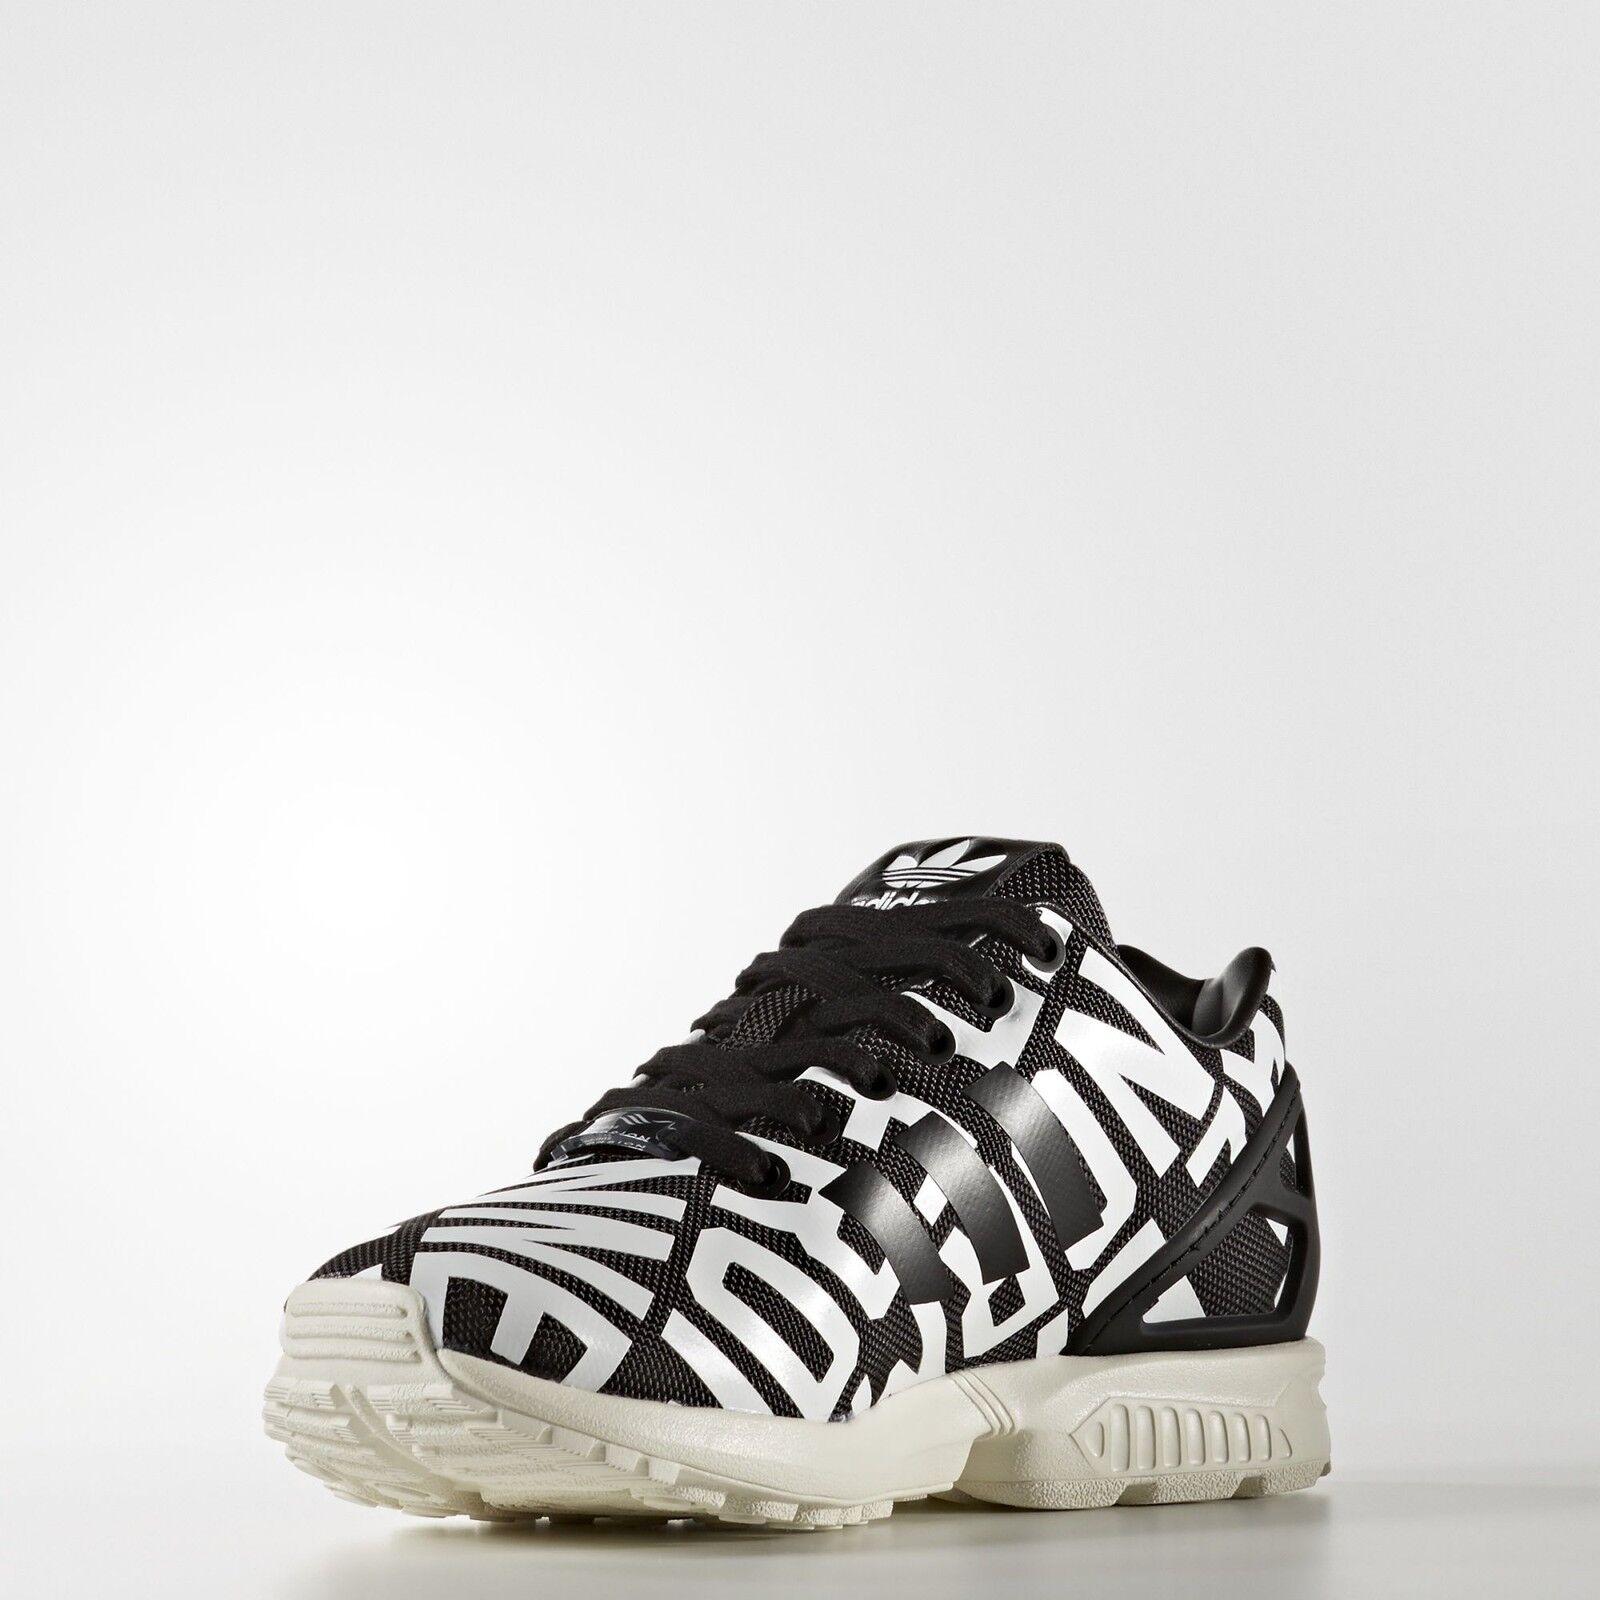 Adidas originals rita ora ora ora frauen zx flux schuhe größe 7,5 uns b72683 31c3c4